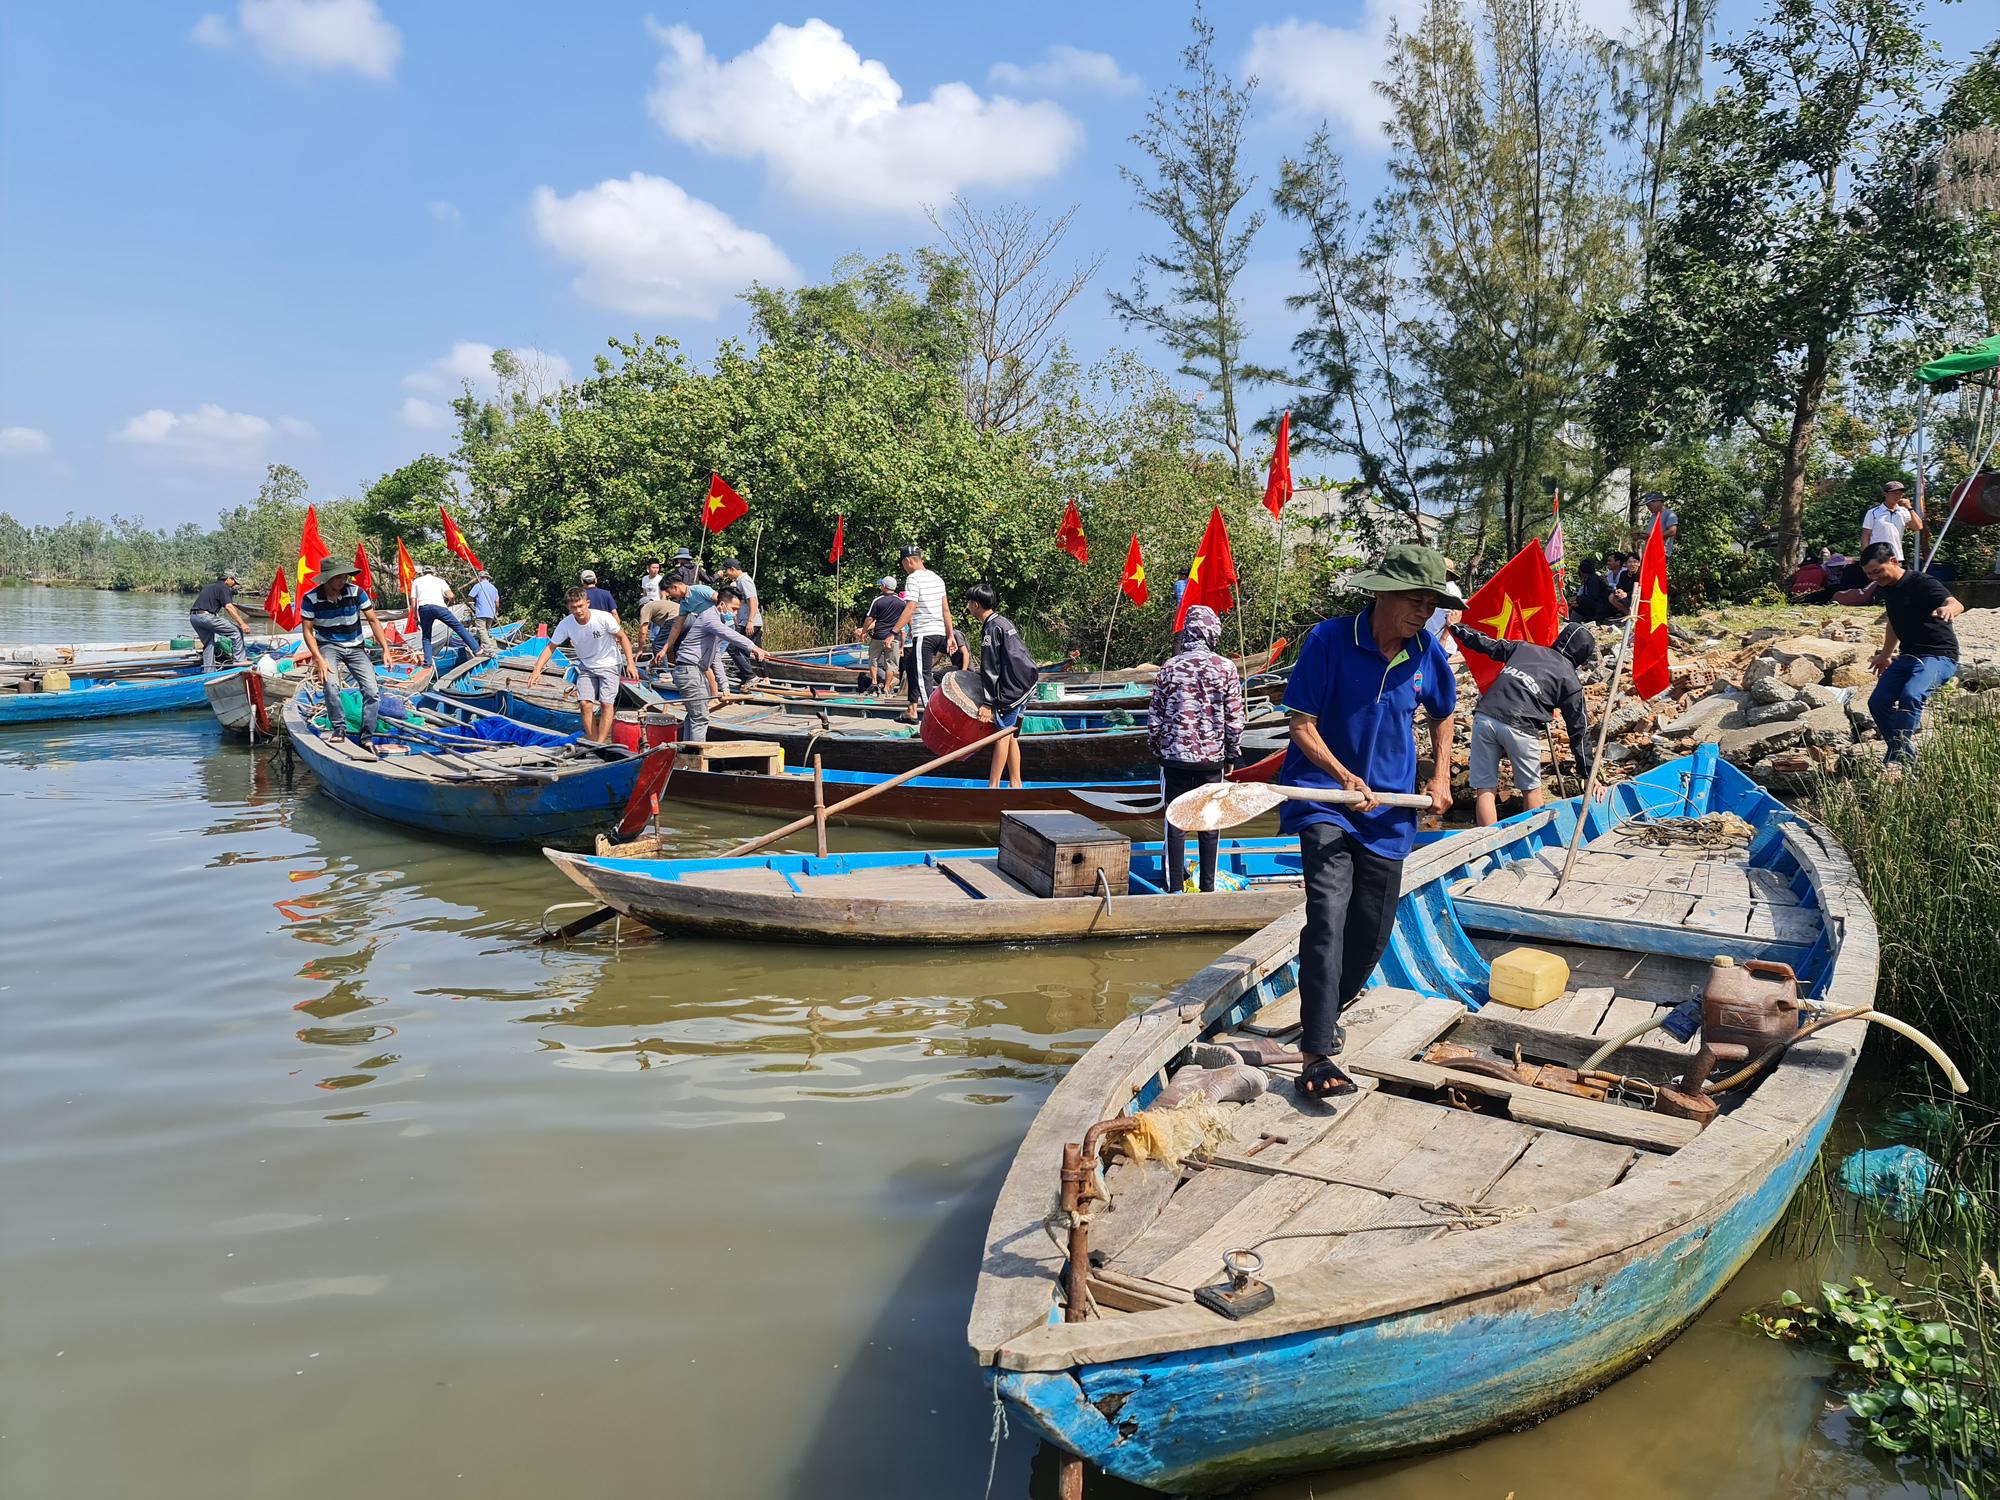 """Quảng Nam: Cắm cờ đỏ sao vàng trên ghe, dân làng nghề  """"bạt sóng"""" lấy lộc đầu năm   - Ảnh 1."""